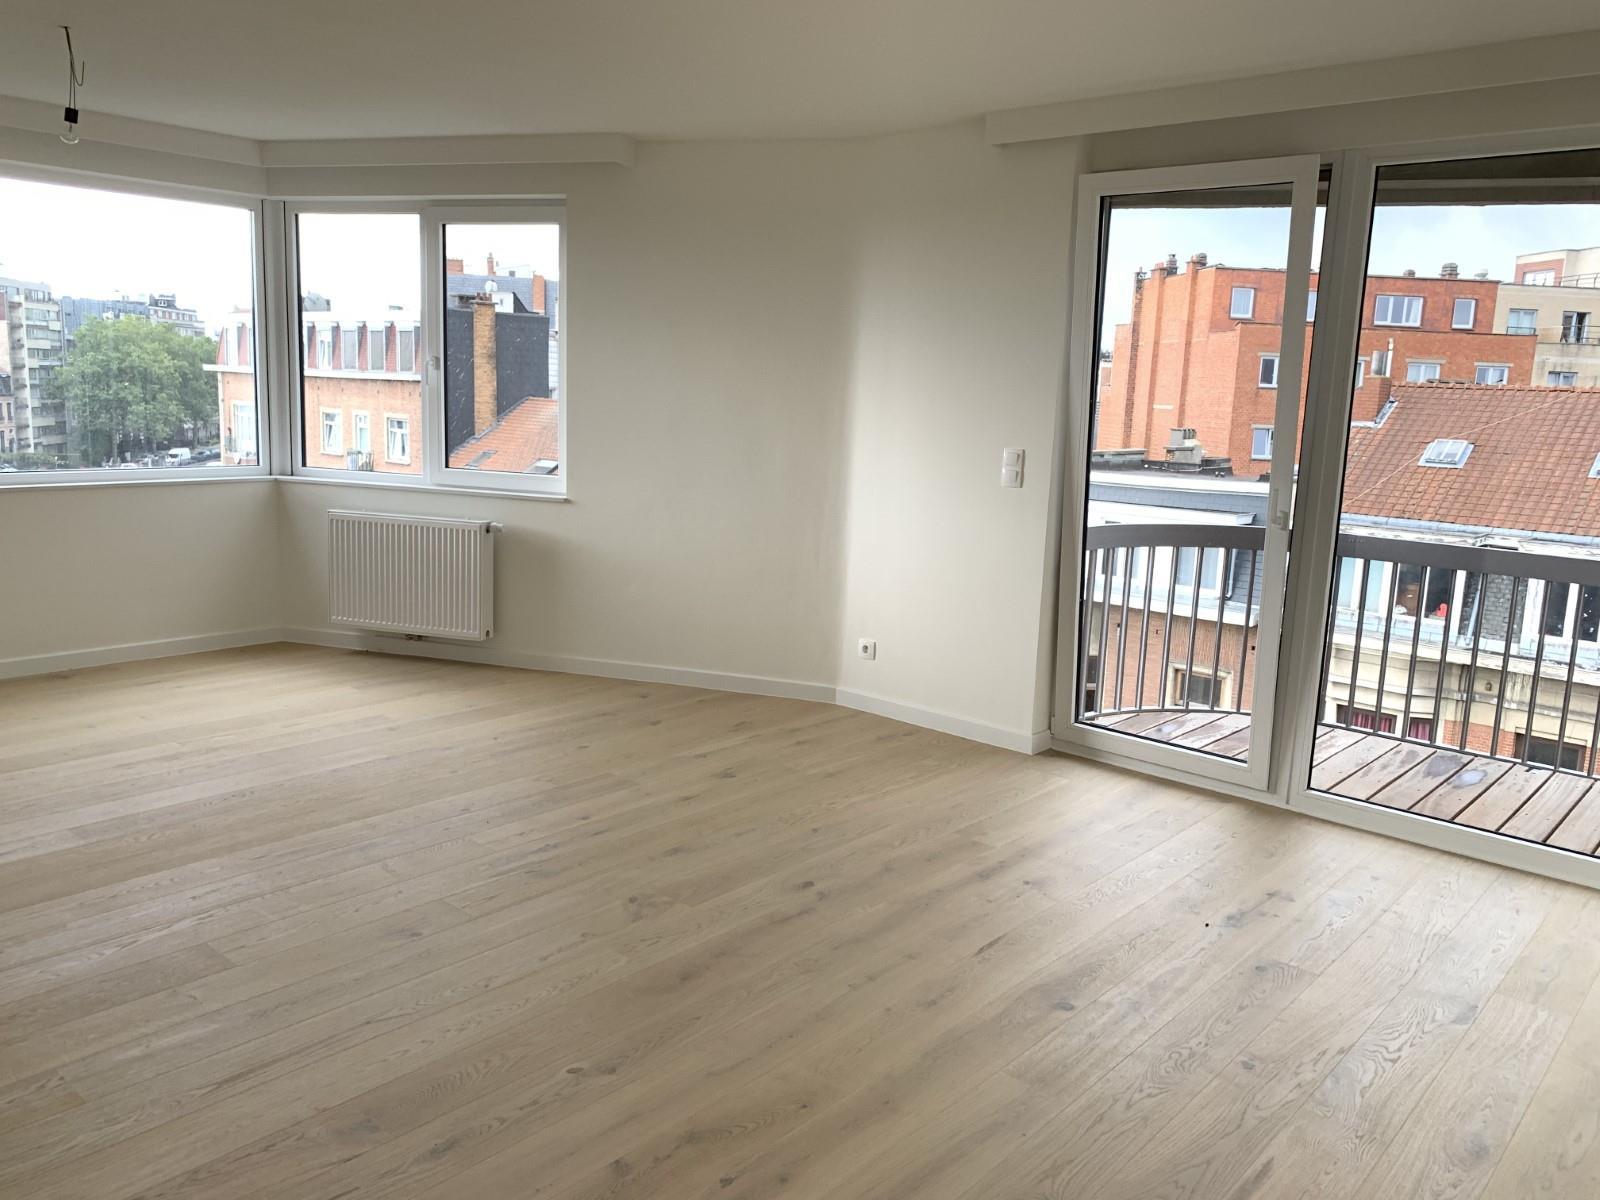 Uitzonderlijk appartement - Schaerbeek - #3964876-1